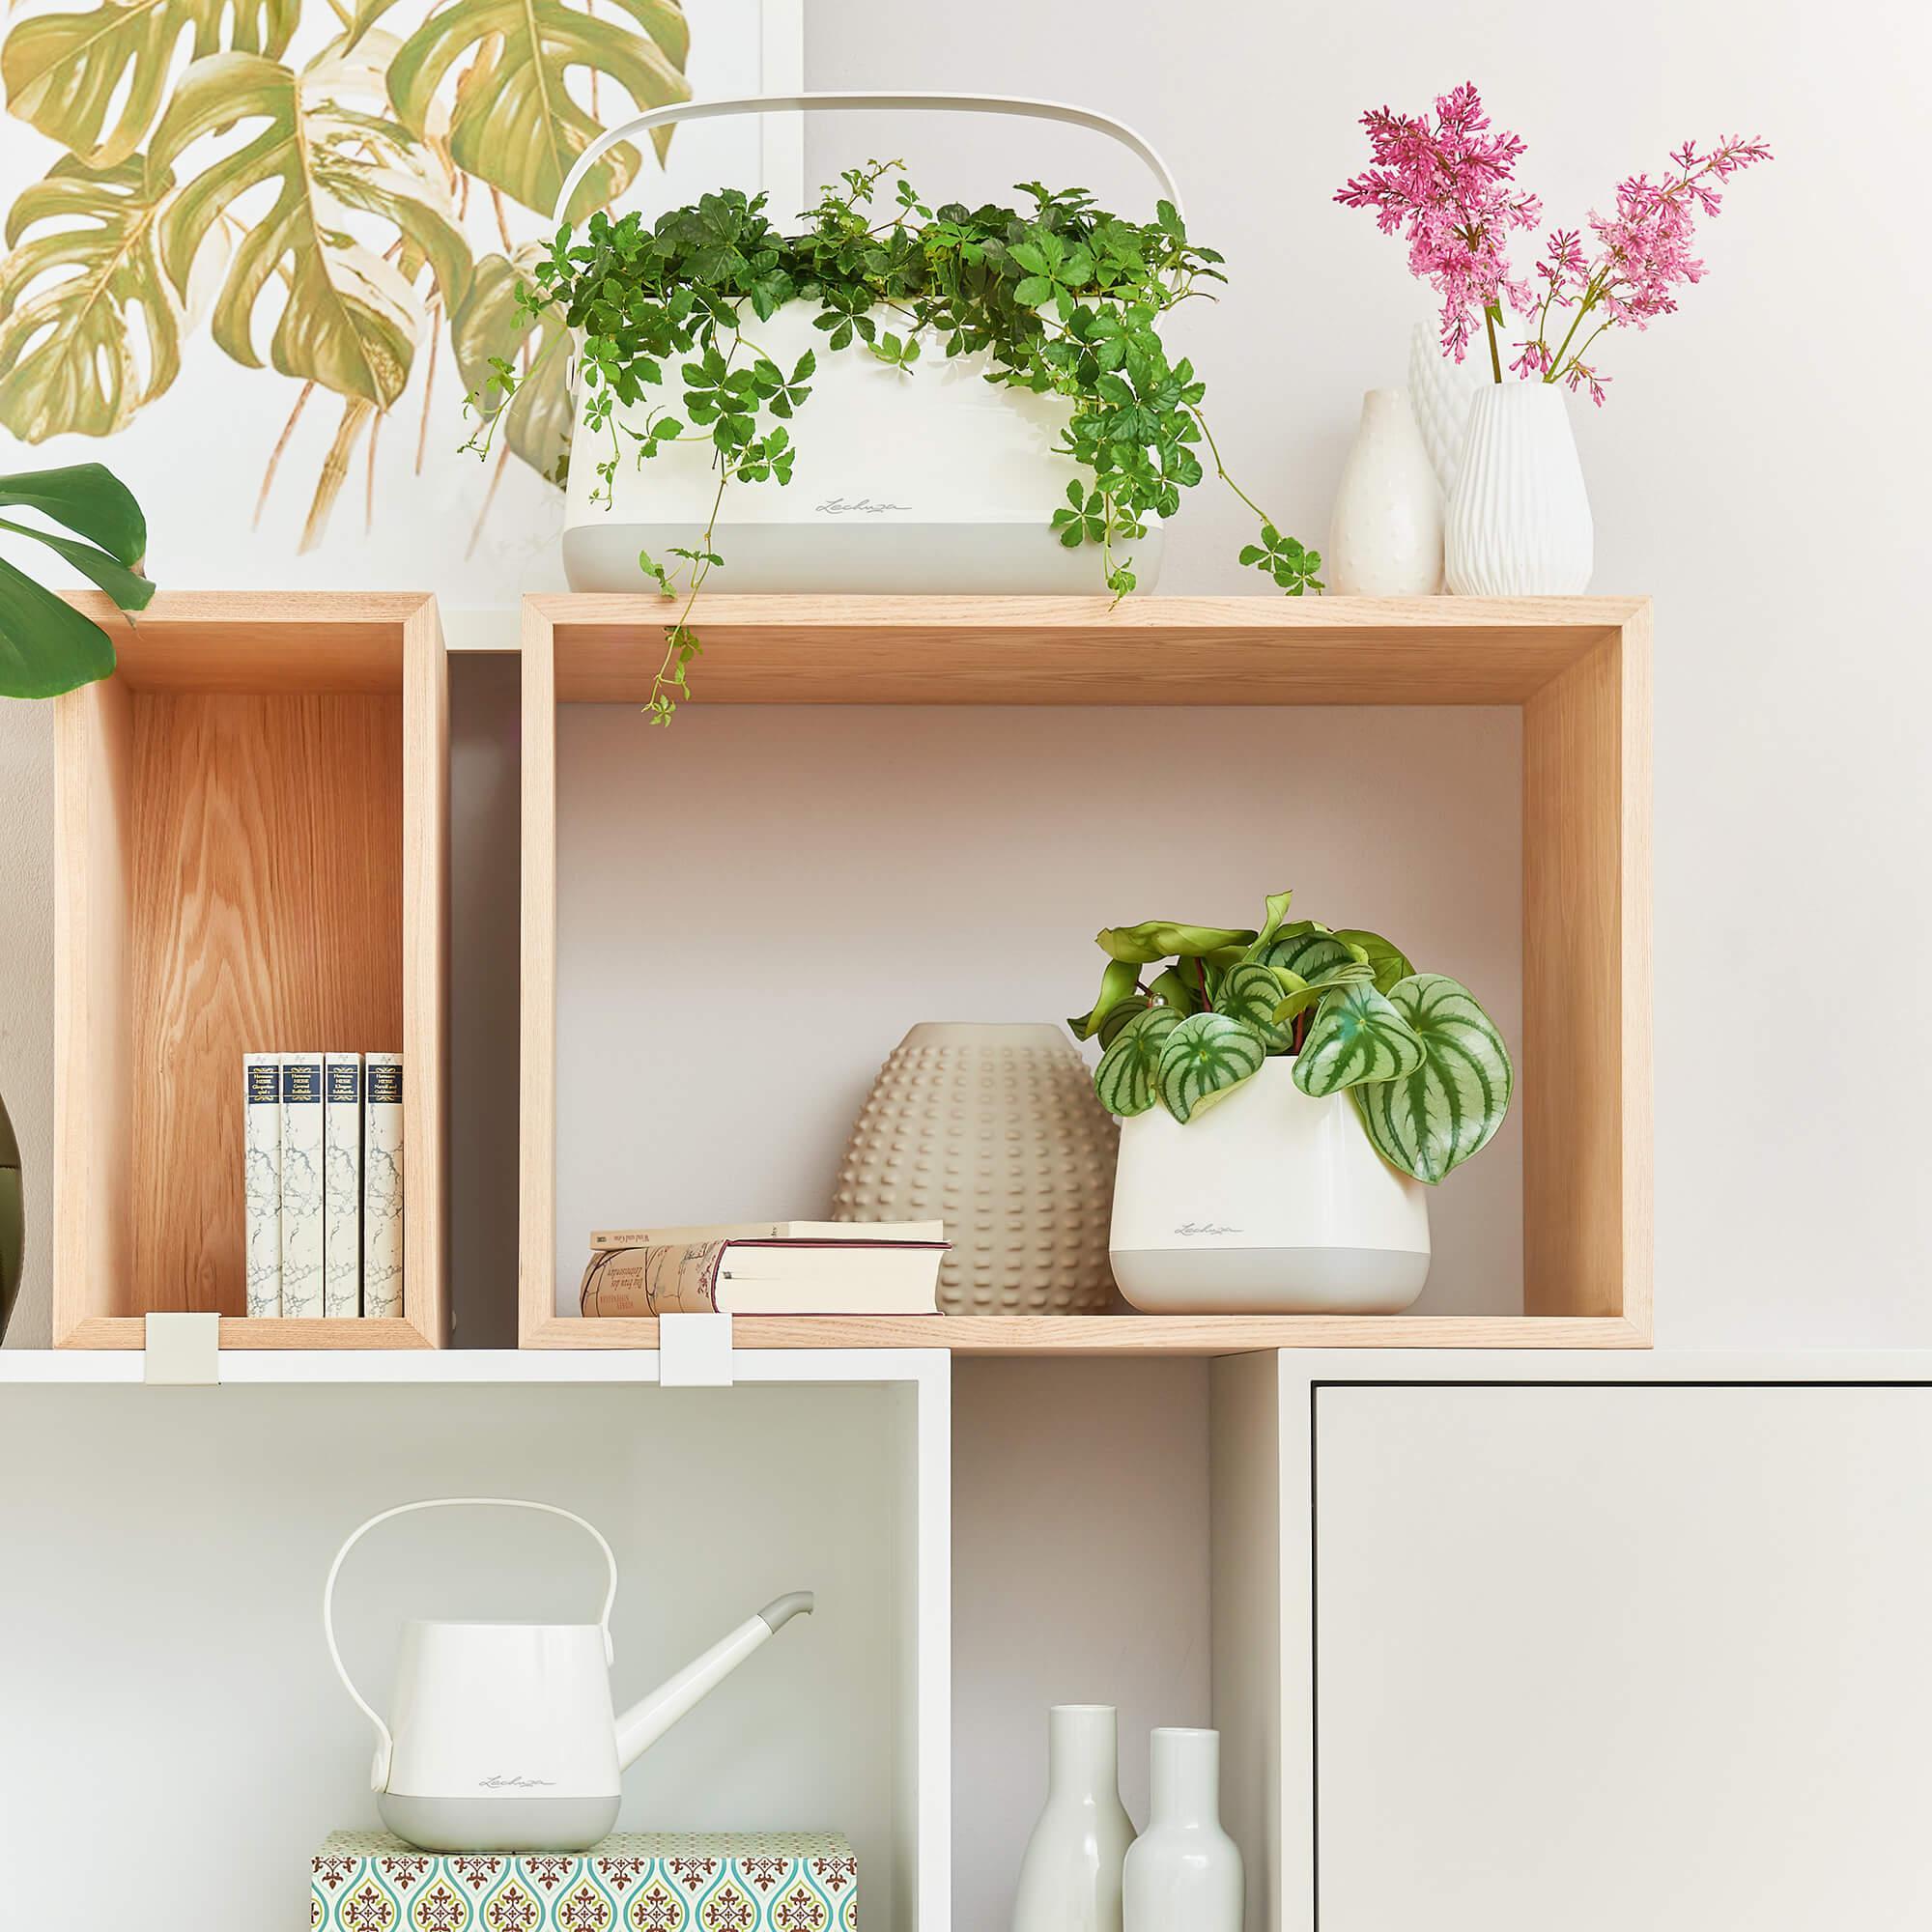 Корзинка для растений YULA белый/фисташковый - изображение 9